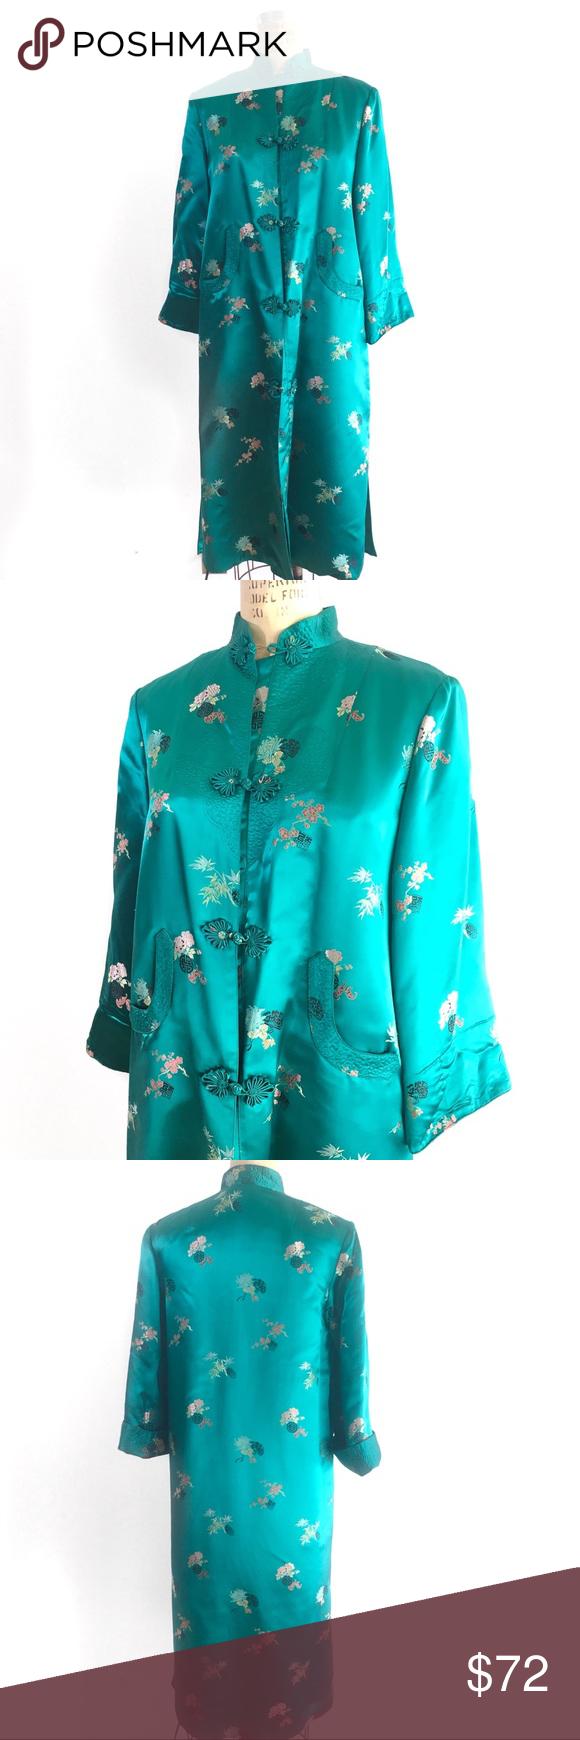 Vintage s embroidered satin jacket robe kimono gorgeous vintage